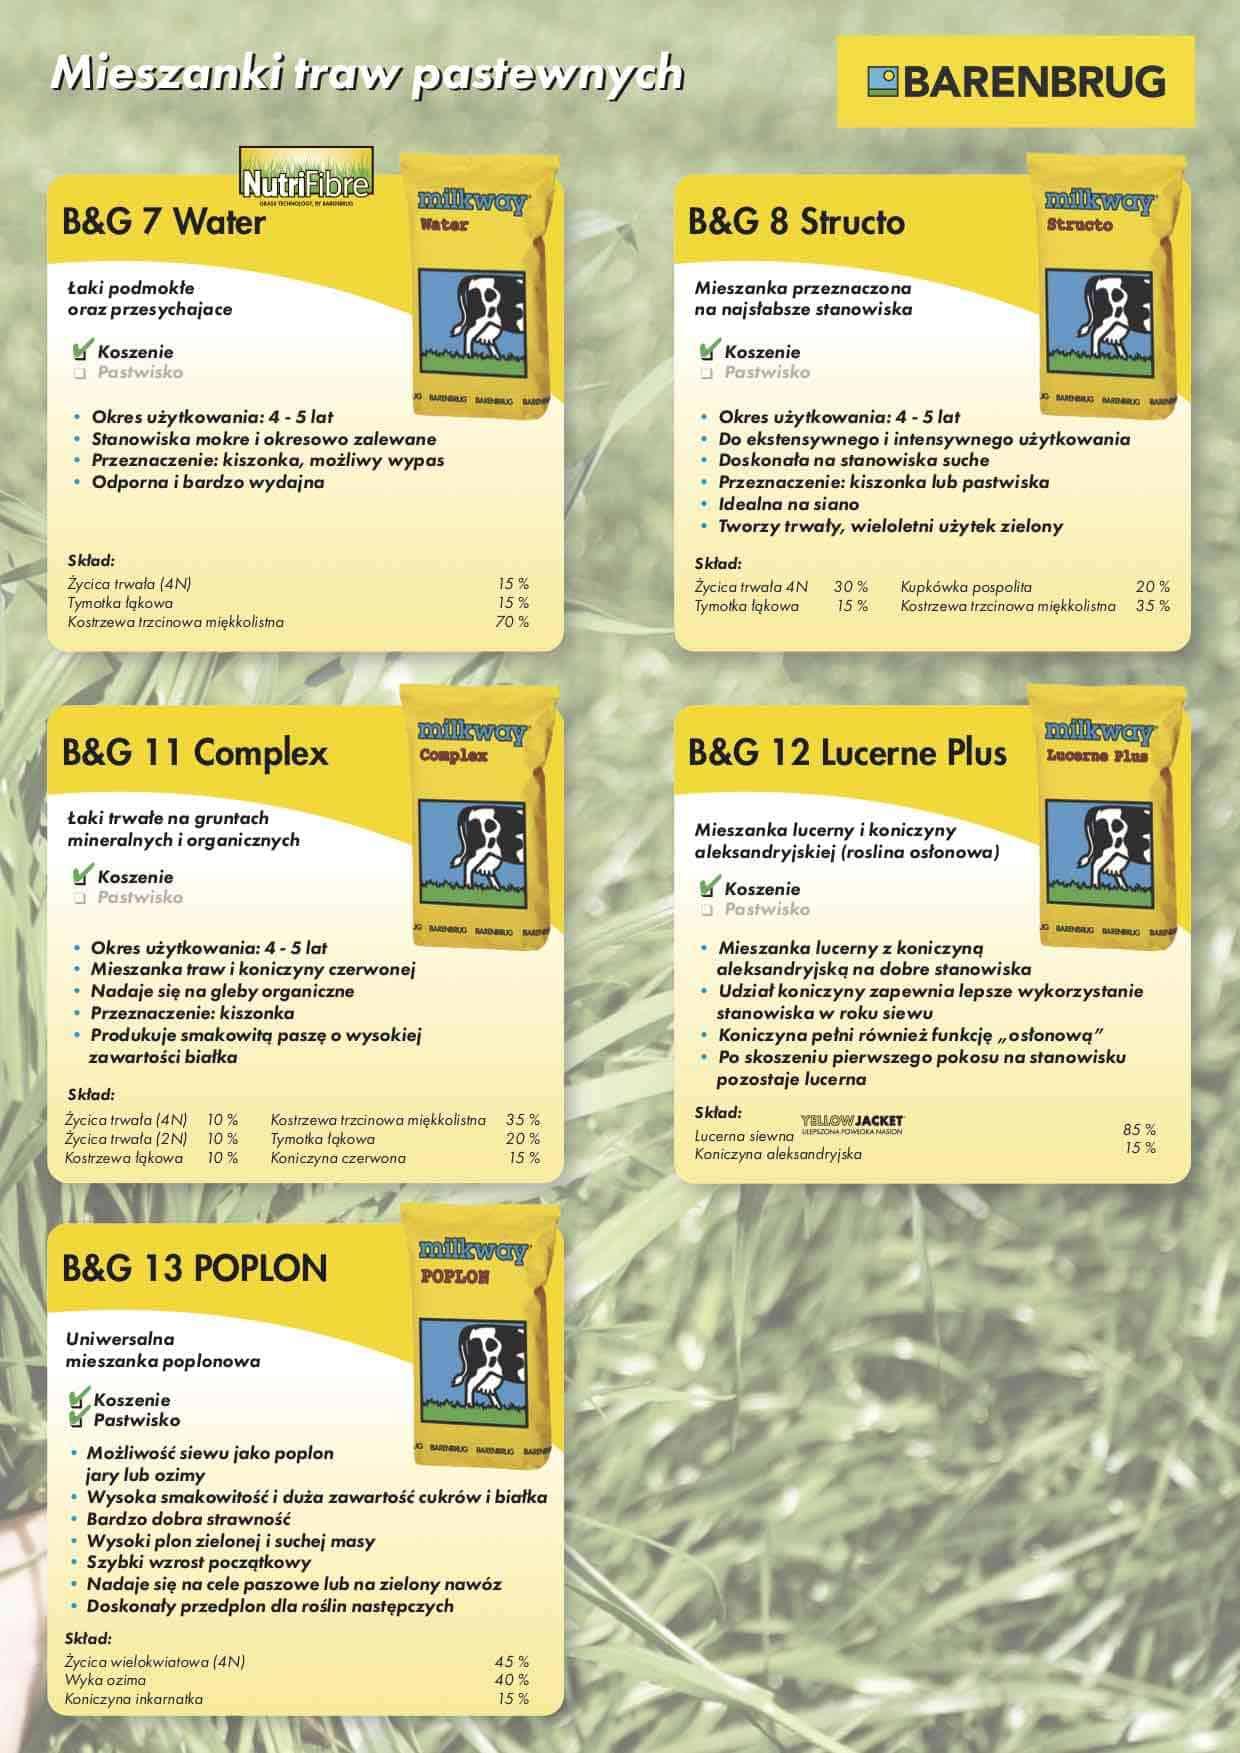 Barenbrug trawy mieszanki traw pastewnych_11.2020